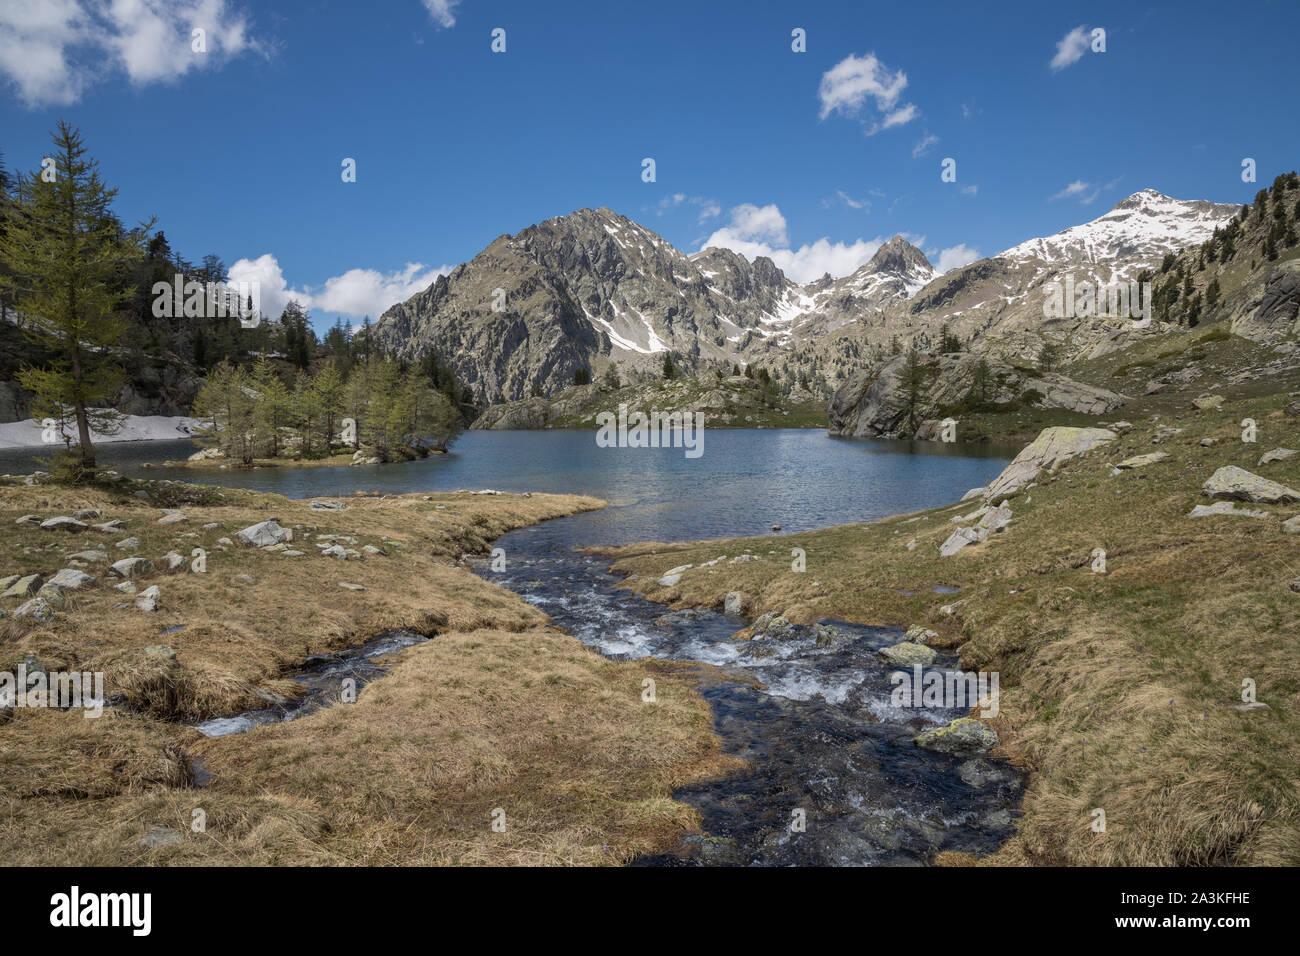 Lac de Trecolpas, Parc National du Mercantour, Alpes-Maritime, Provence, France Banque D'Images